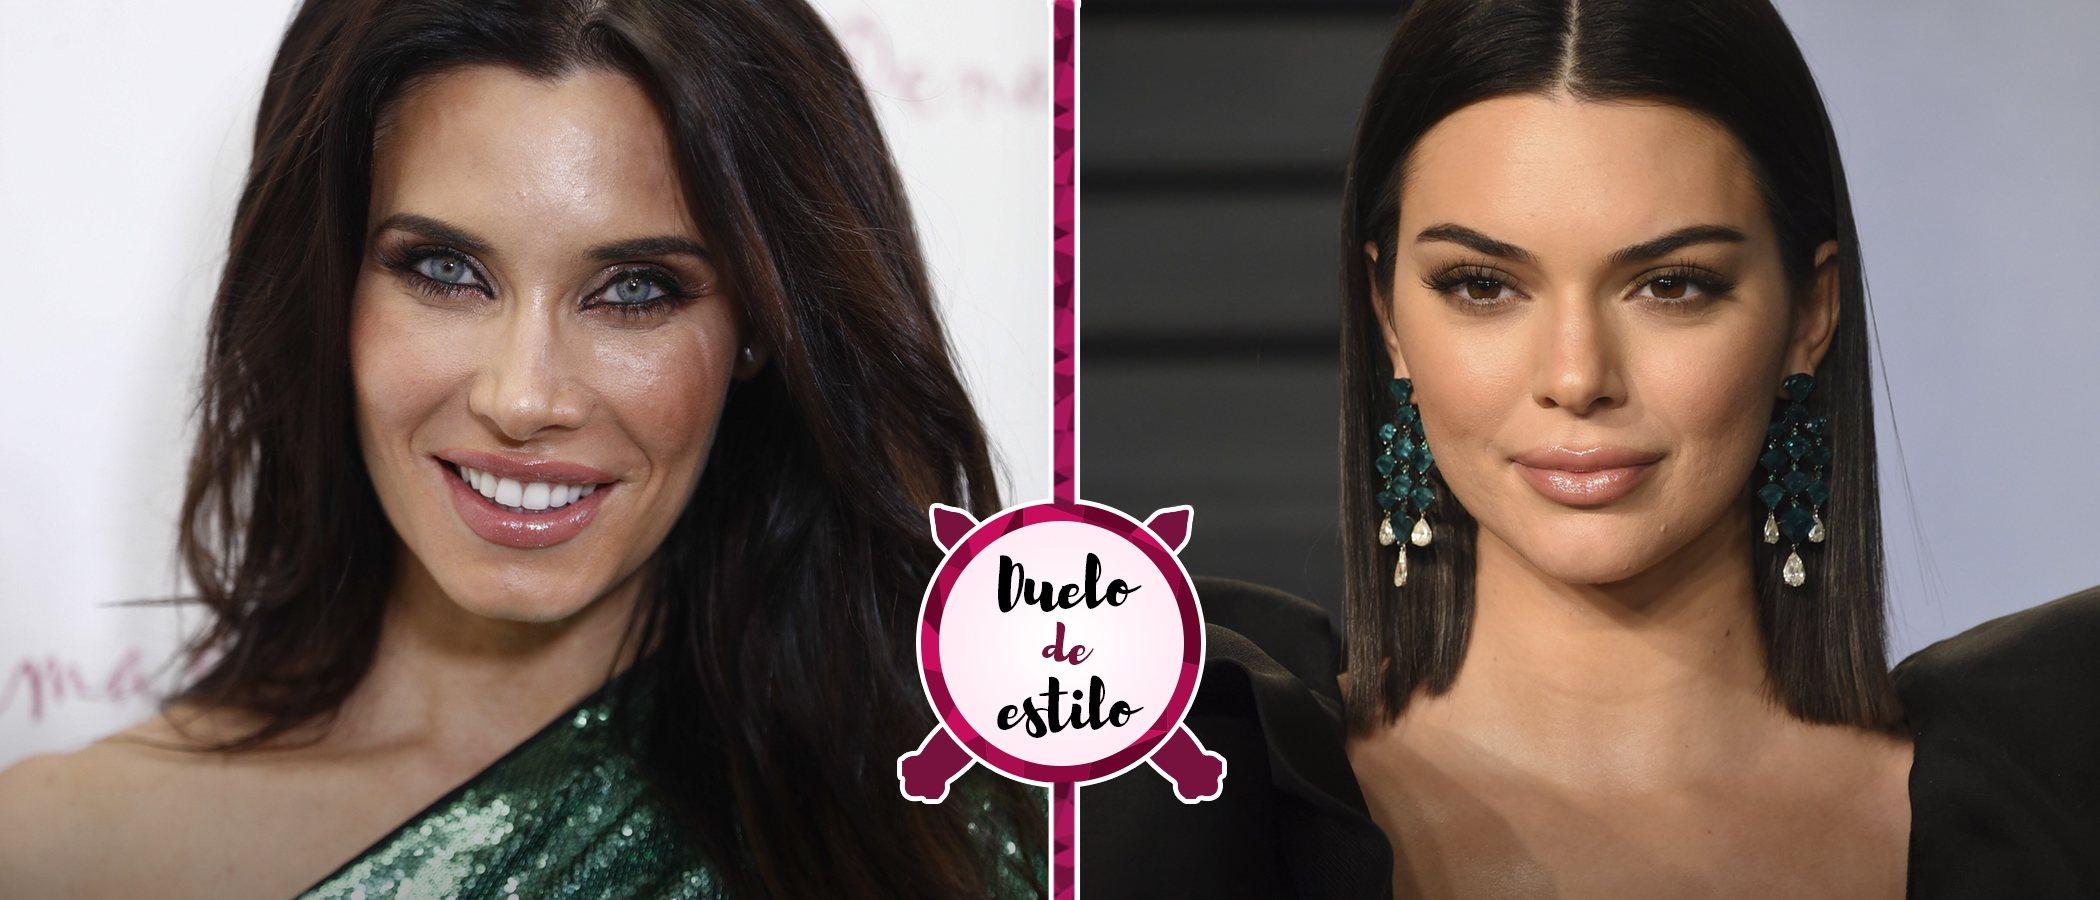 Pilar Rubio intenta hacerle sombra a Kendall Jenner con el mismo complicado estilismo de Richard Quinn